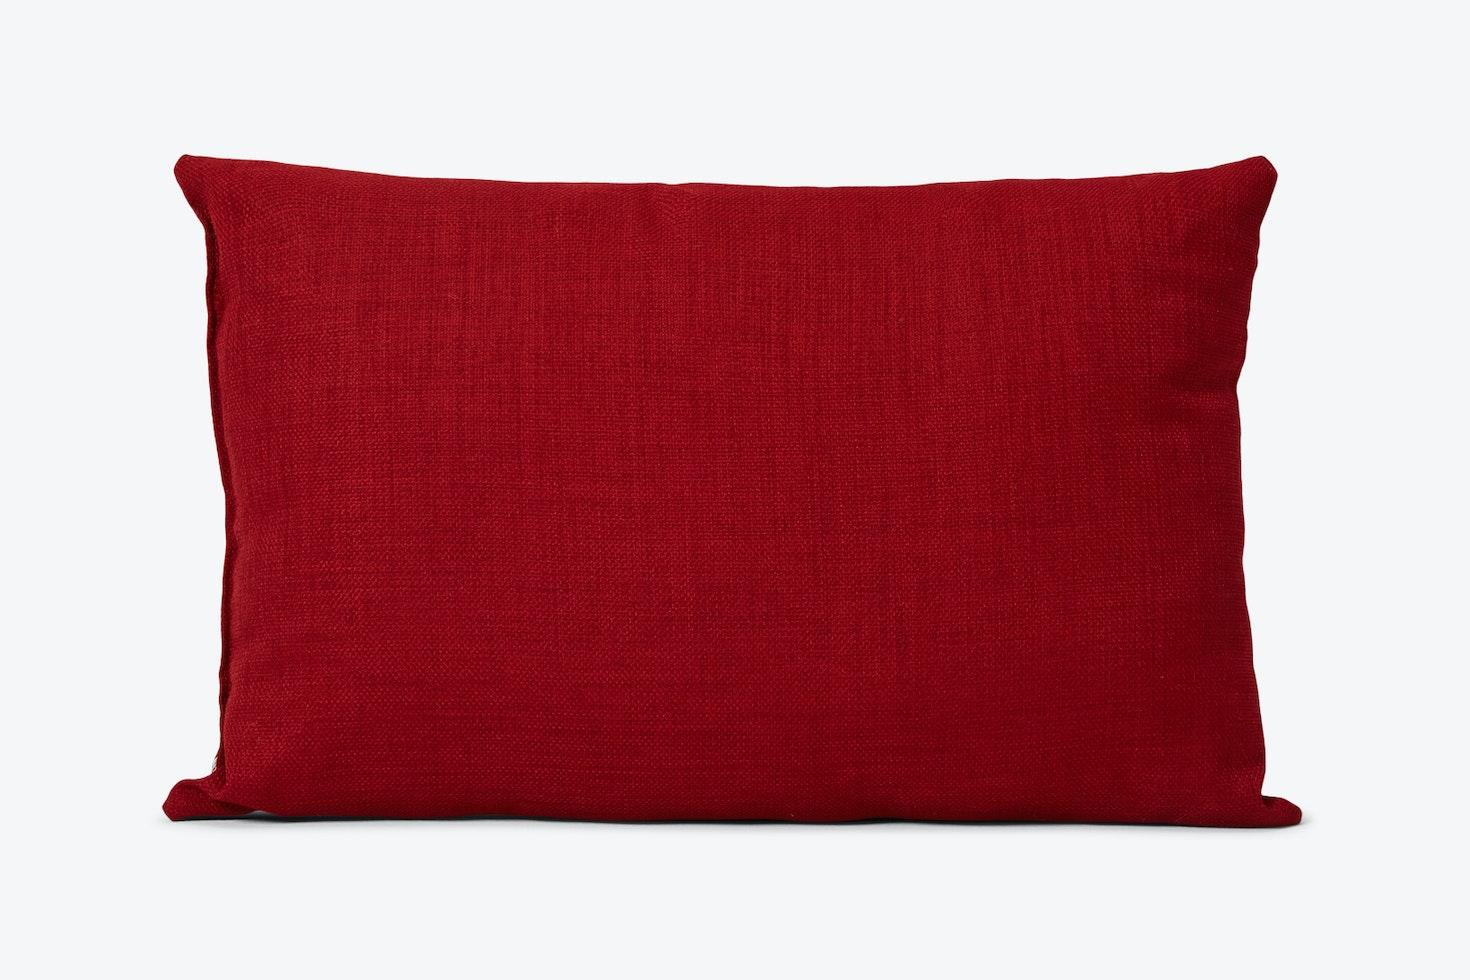 Mia Red Pillow